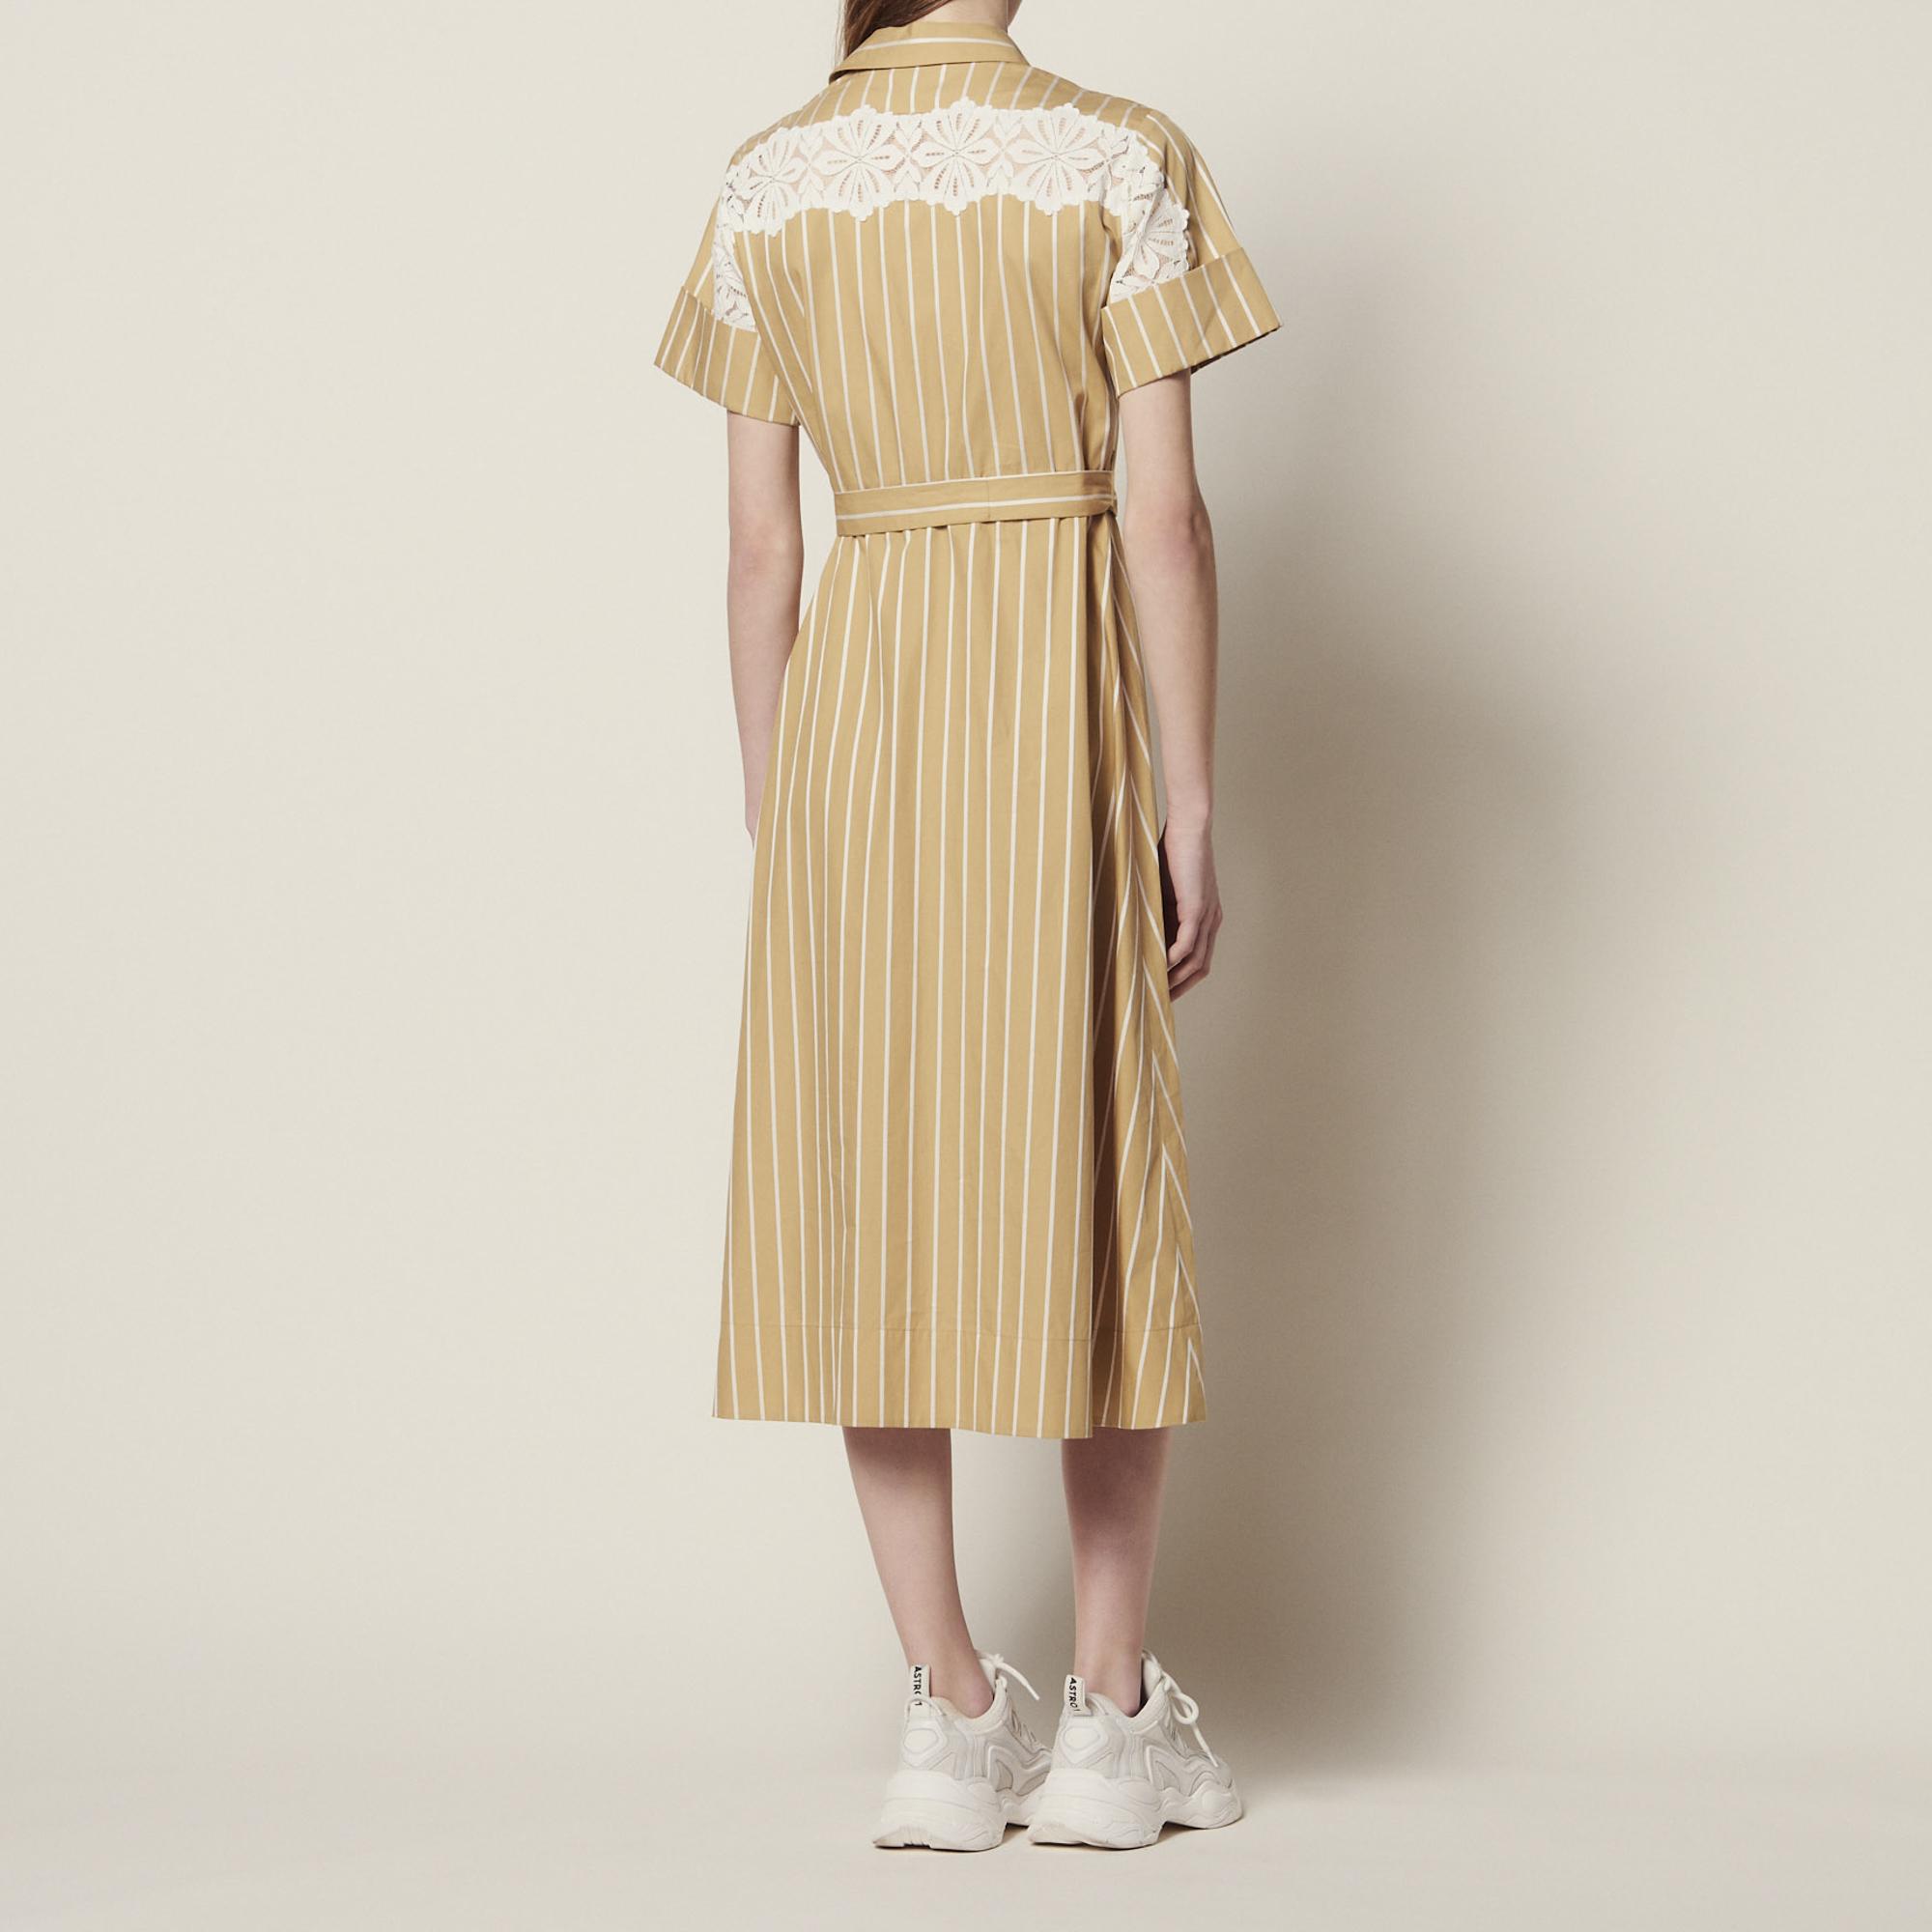 76780c079478 ... Striped short-sleeved shirt dress   Dresses color Beige ...